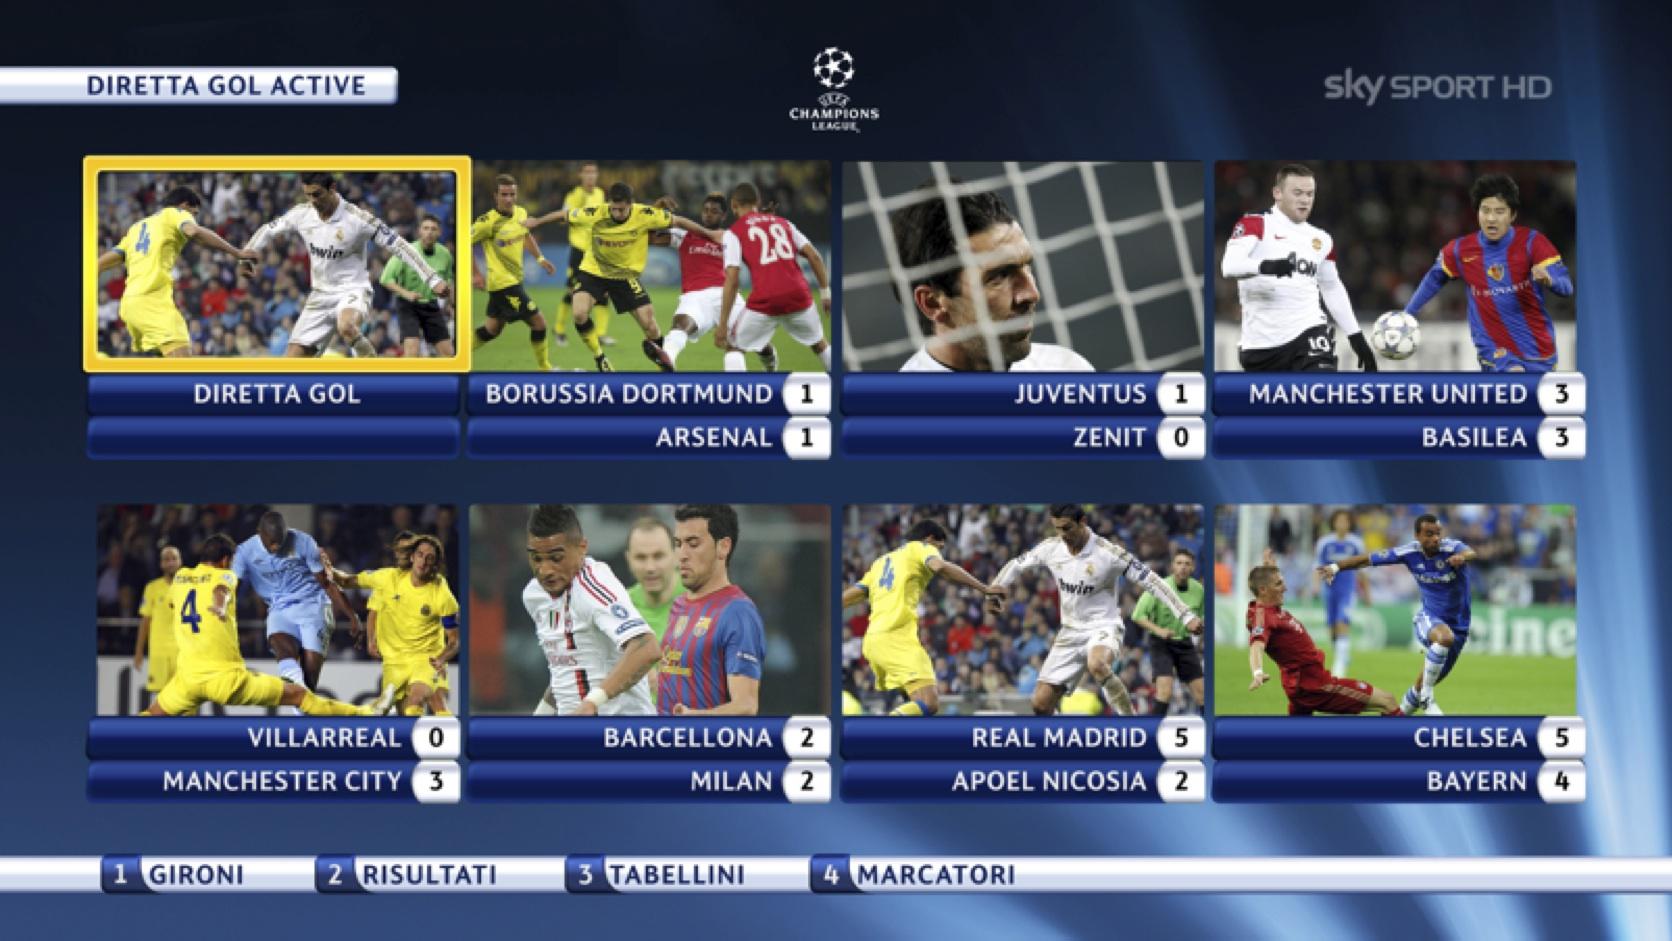 Diretta gol Champions